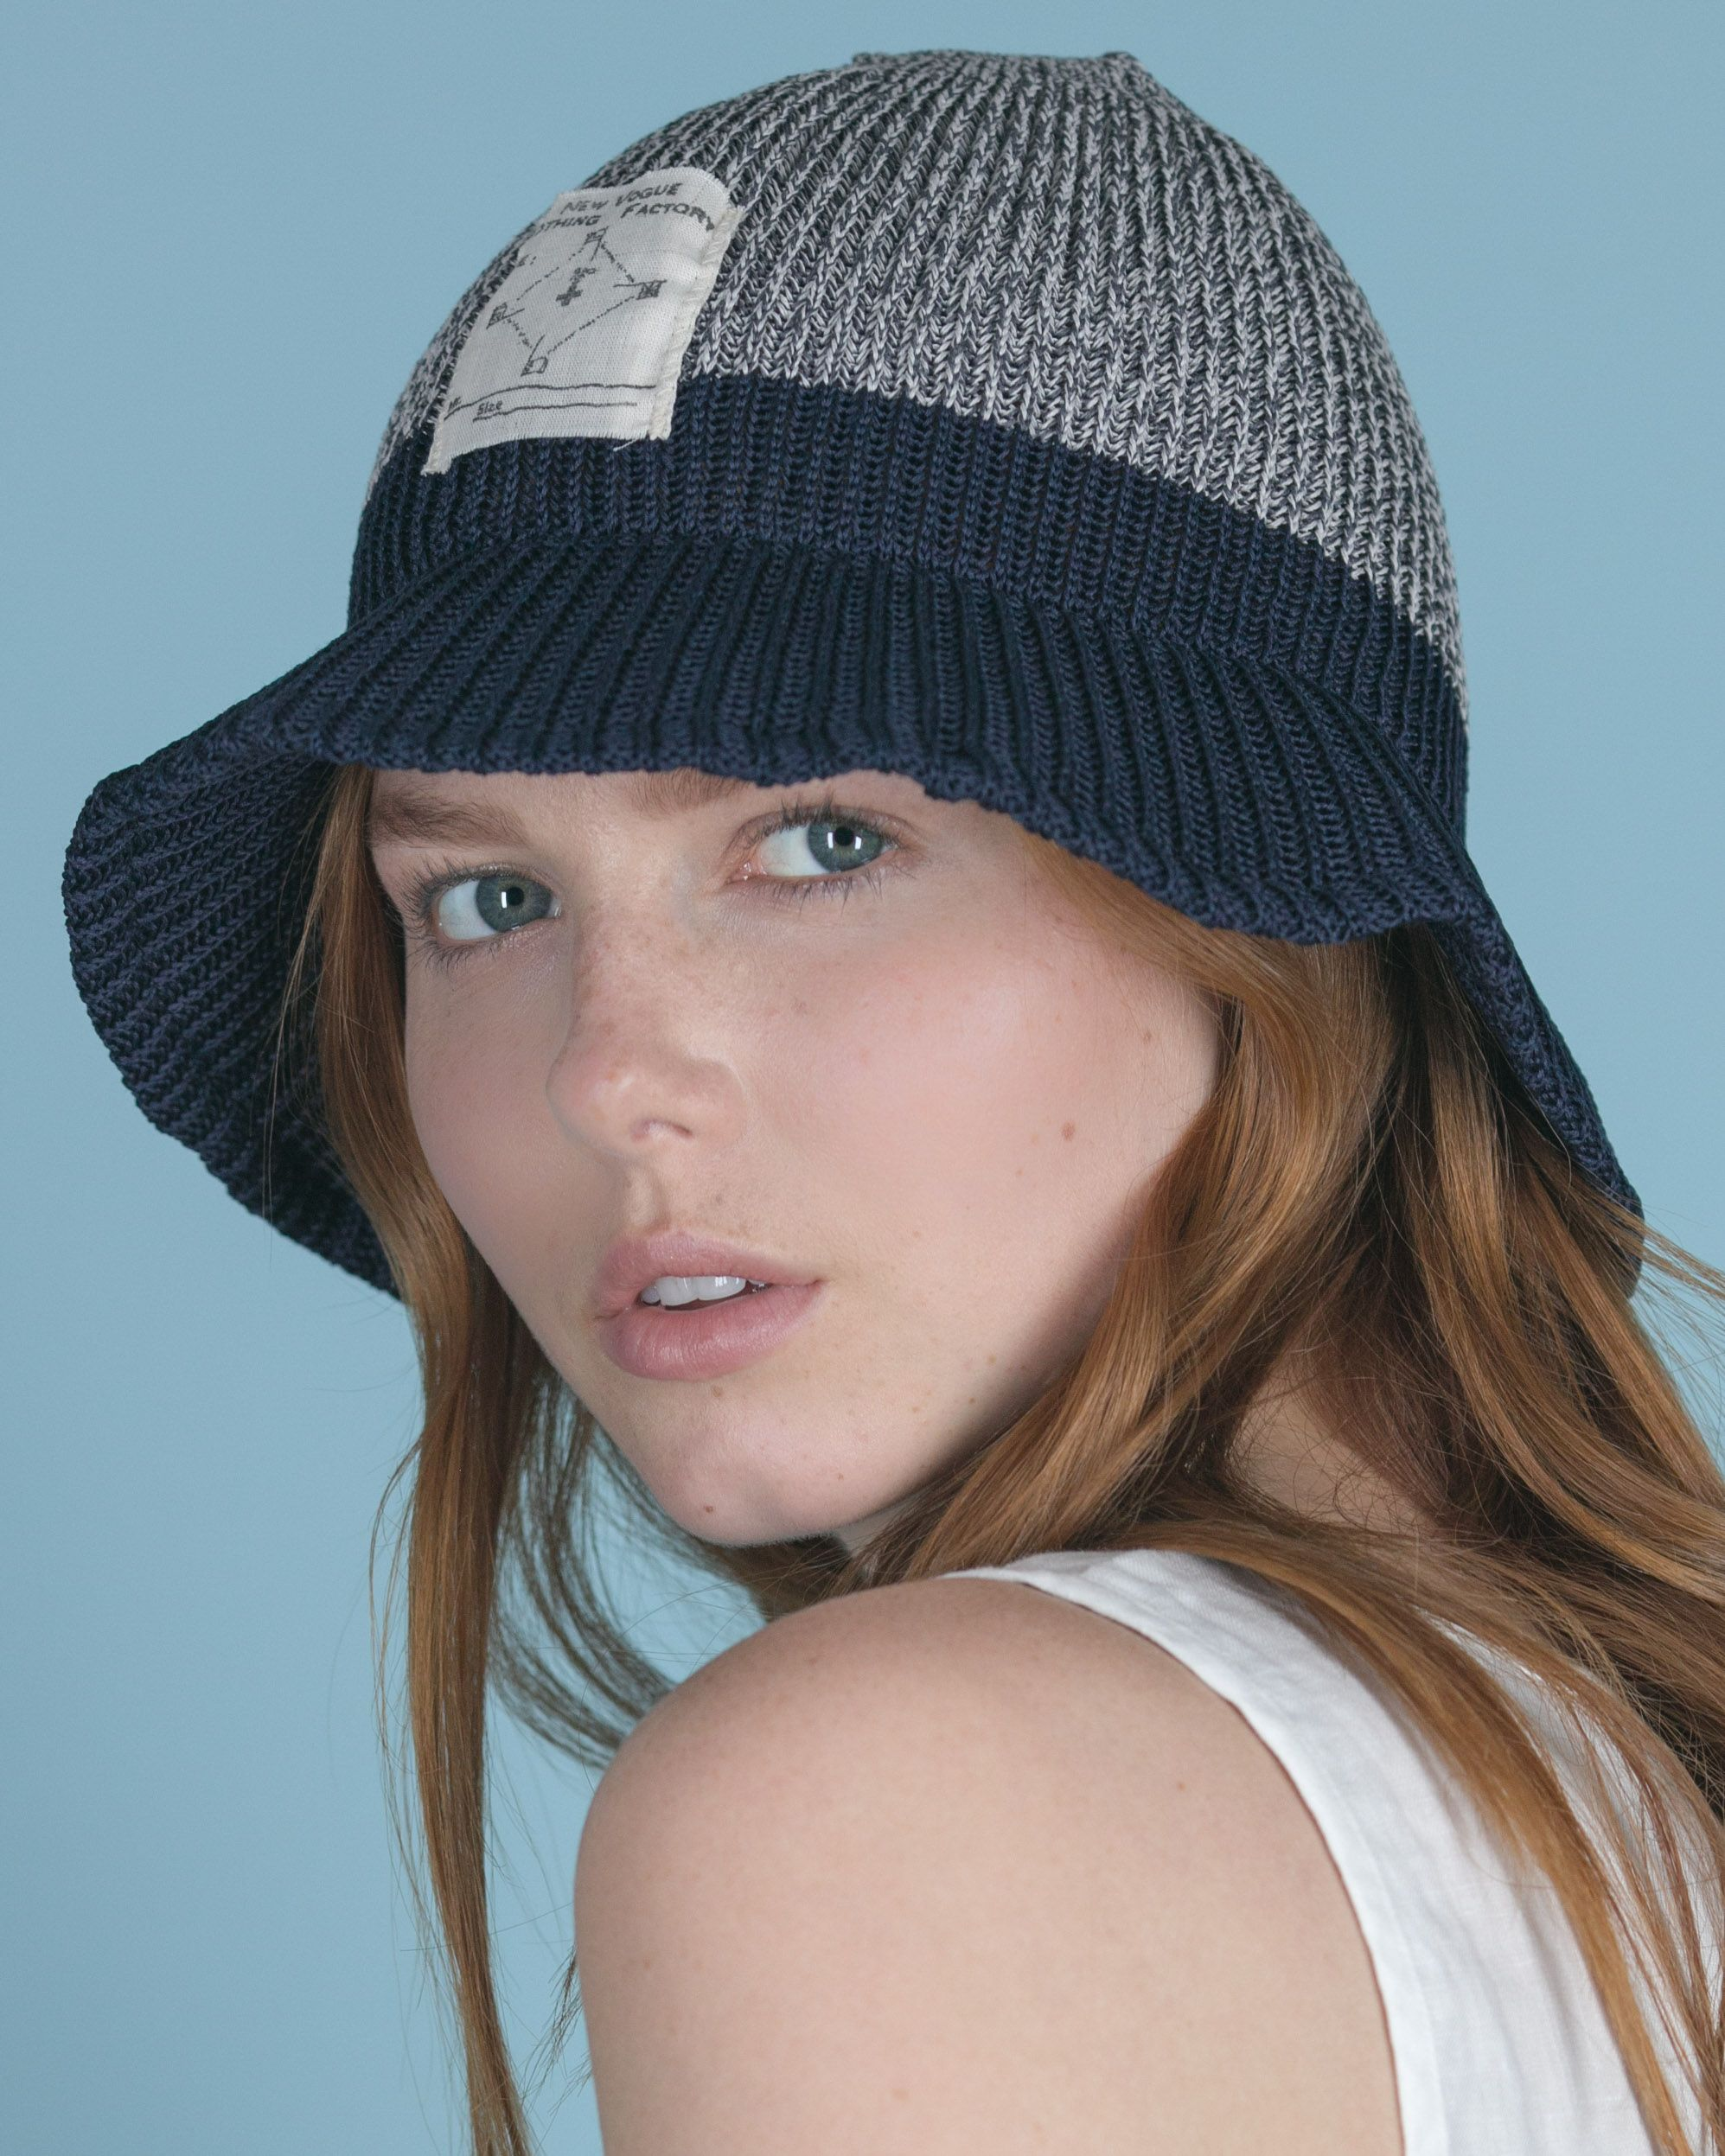 Knit Bucket Hat by Kapital